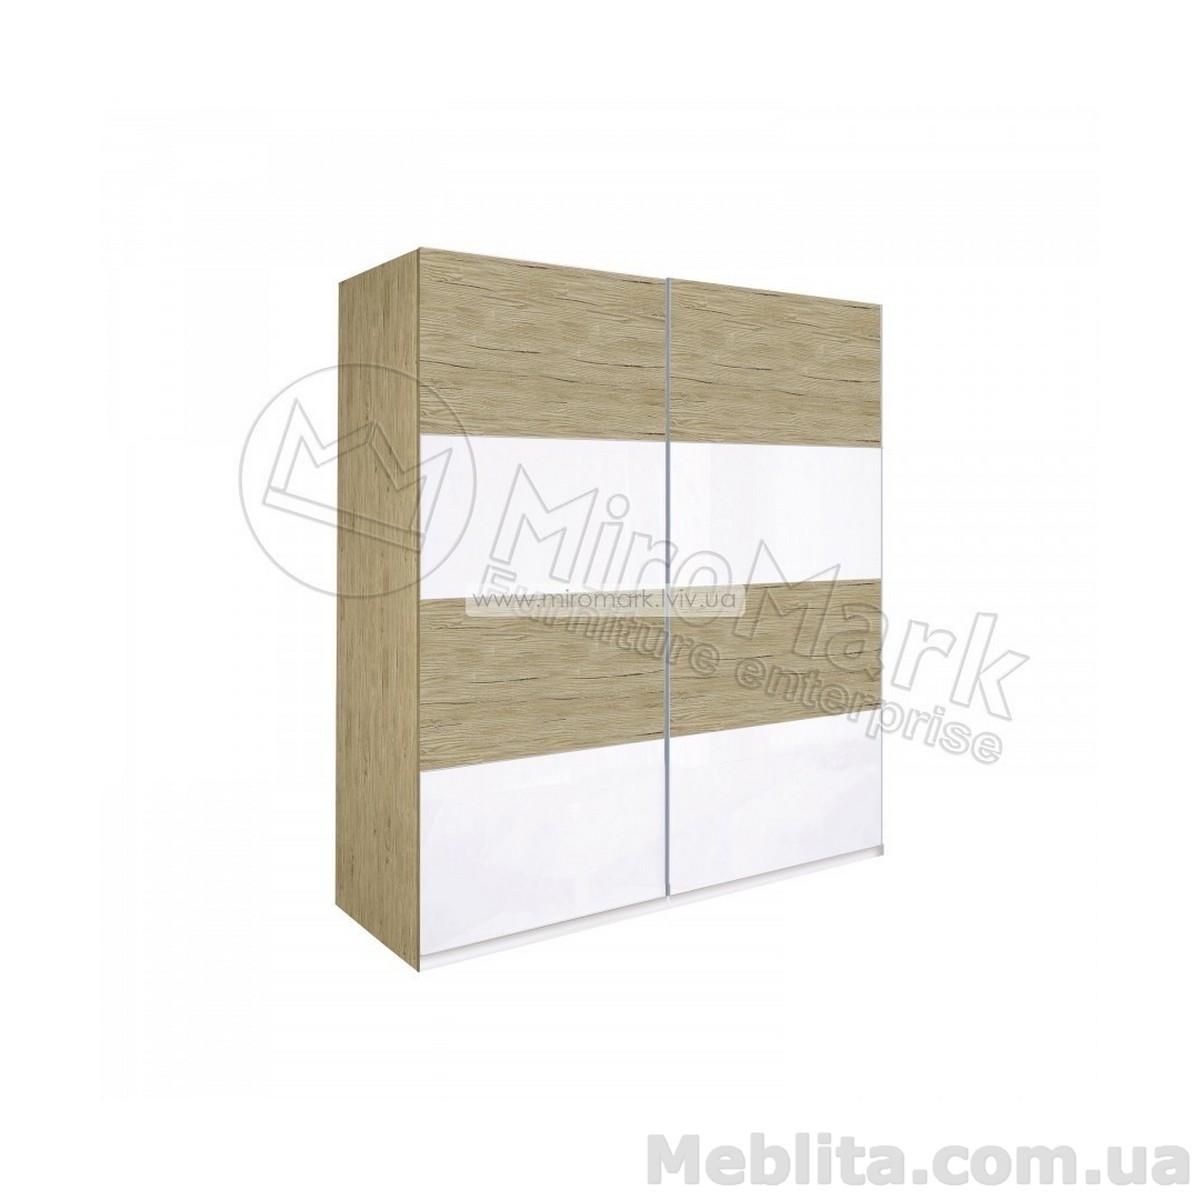 Верона шкаф-купе 1,5м